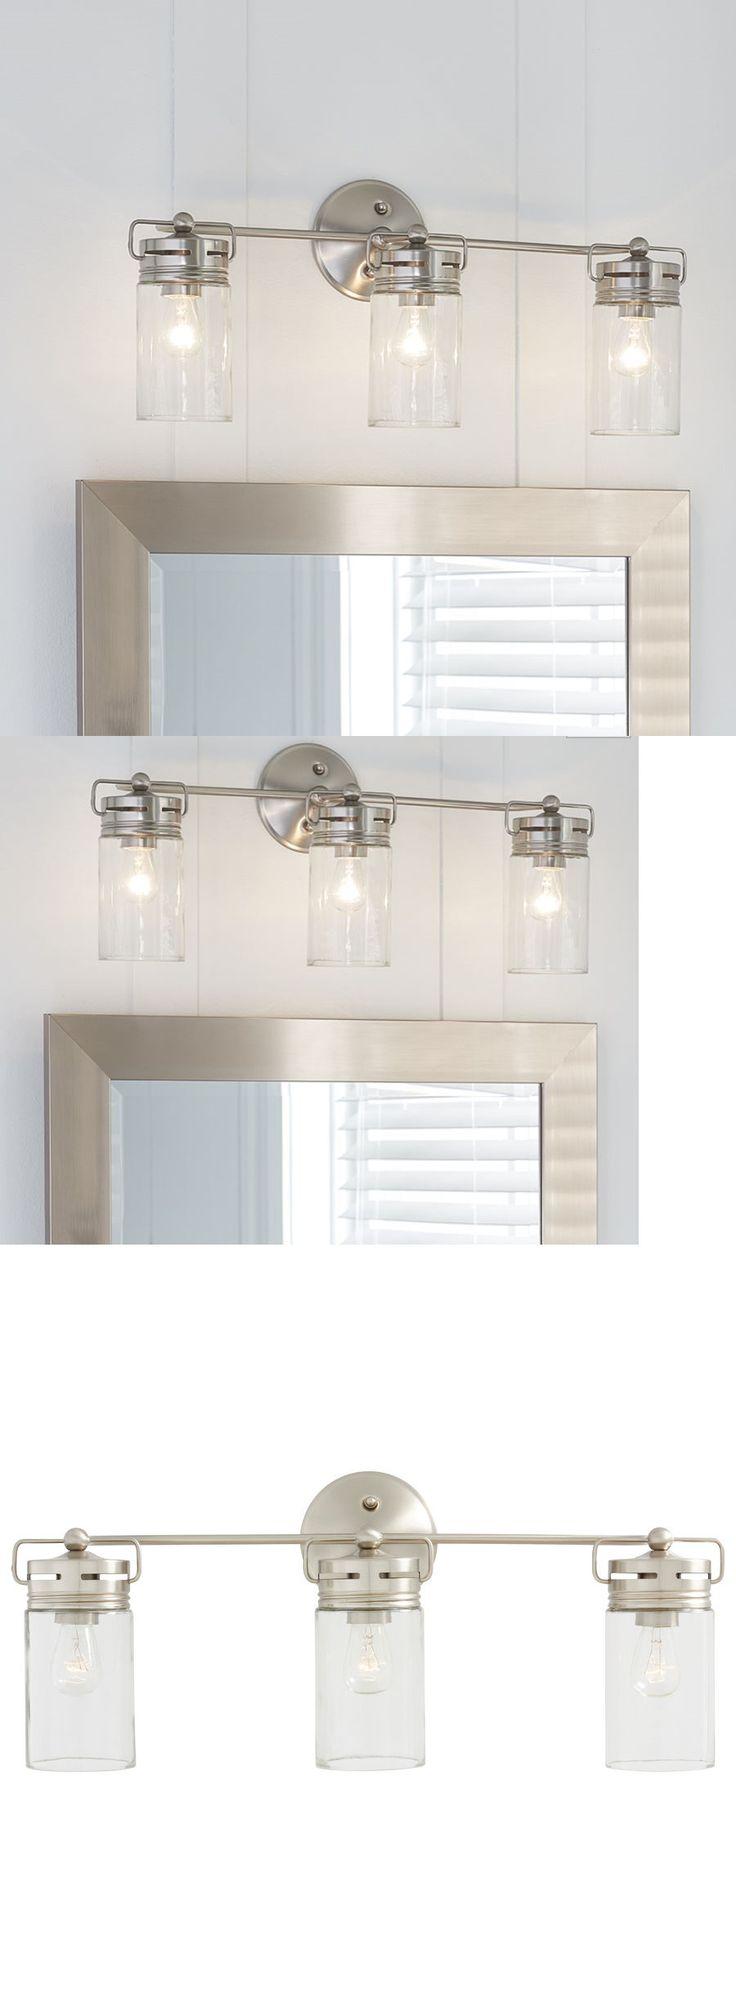 Wall Fixtures 116880: Allen + Roth Vanity Light Bathroom Lighting Fixture Brushed Nickel 3 Light New -> BUY IT NOW ONLY: $104.79 on eBay!